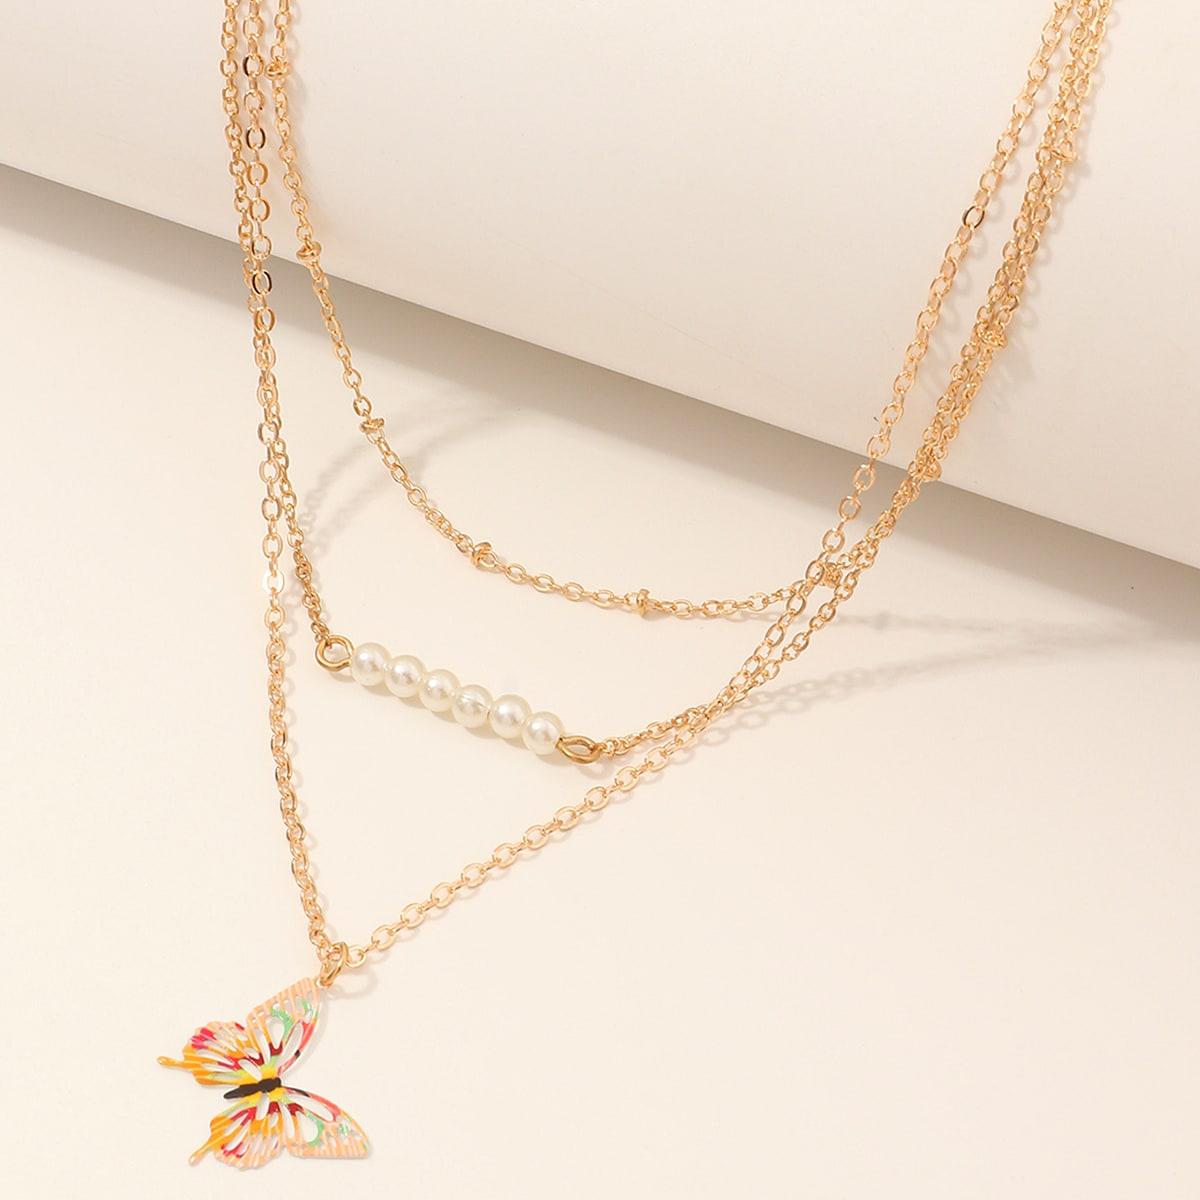 SHEIN / Mädchen Halskette mit Schmetterling Anhänger